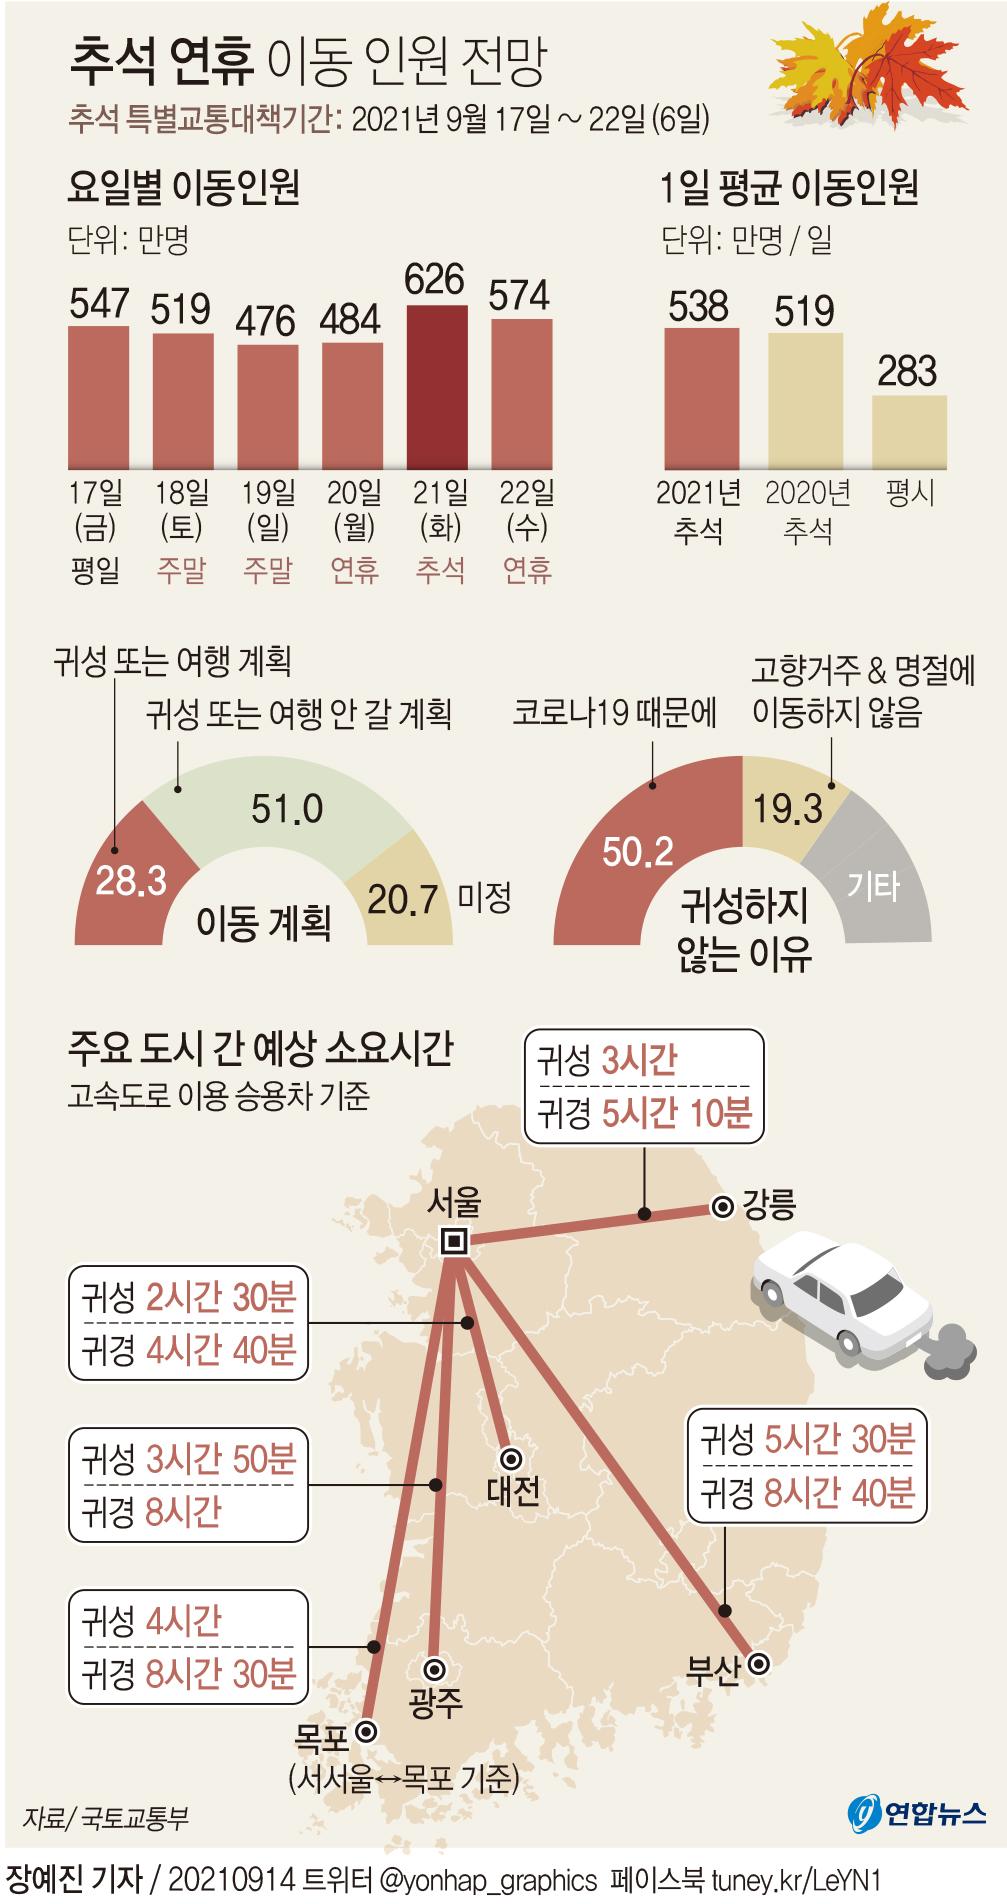 [그래픽] 추석 연휴 이동인원 전망